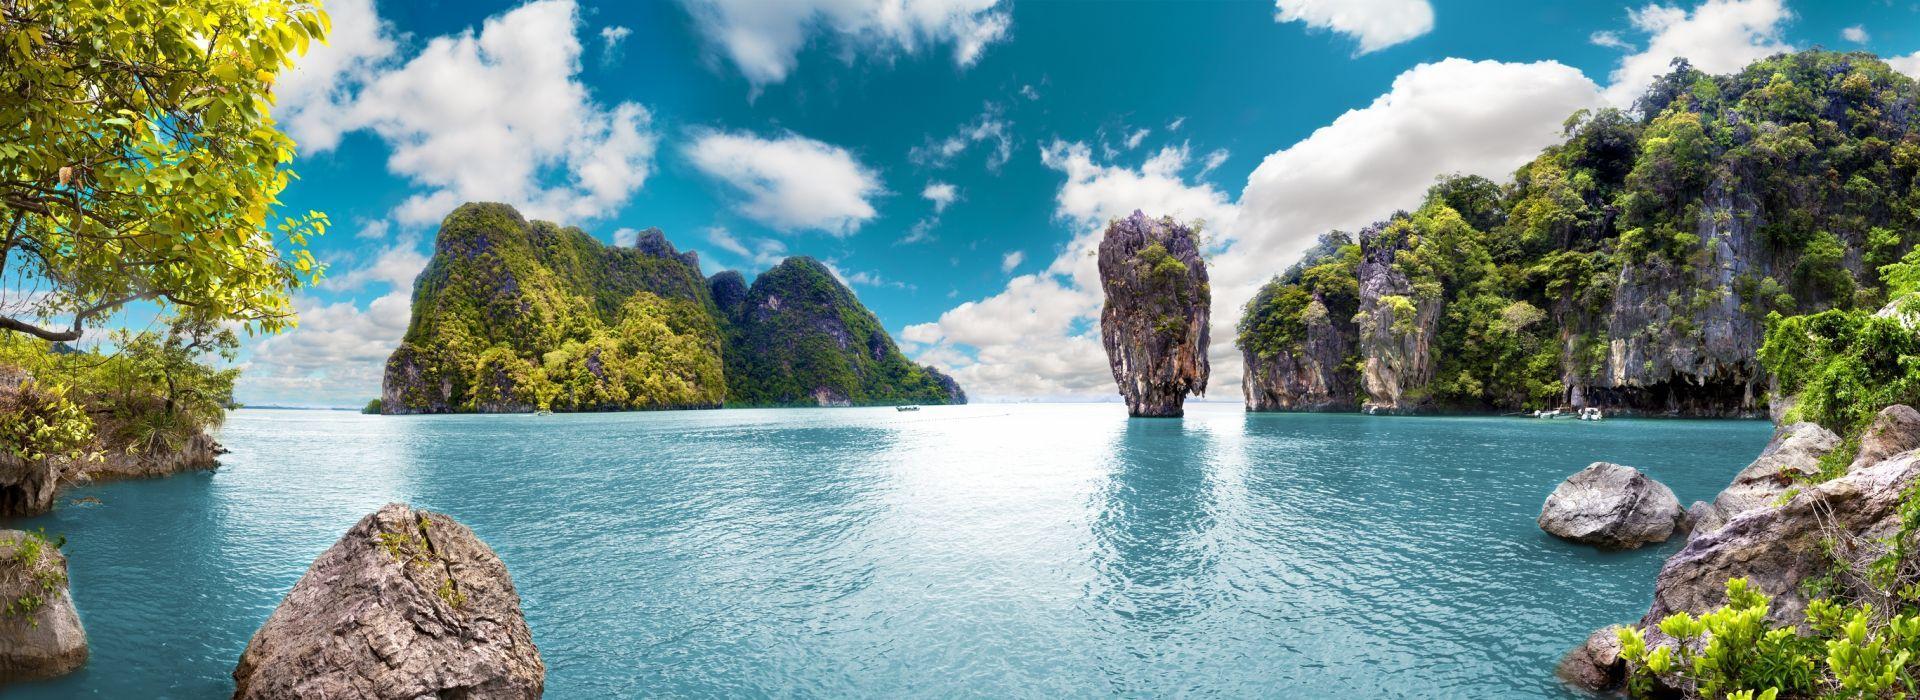 War sites Tours in Thailand